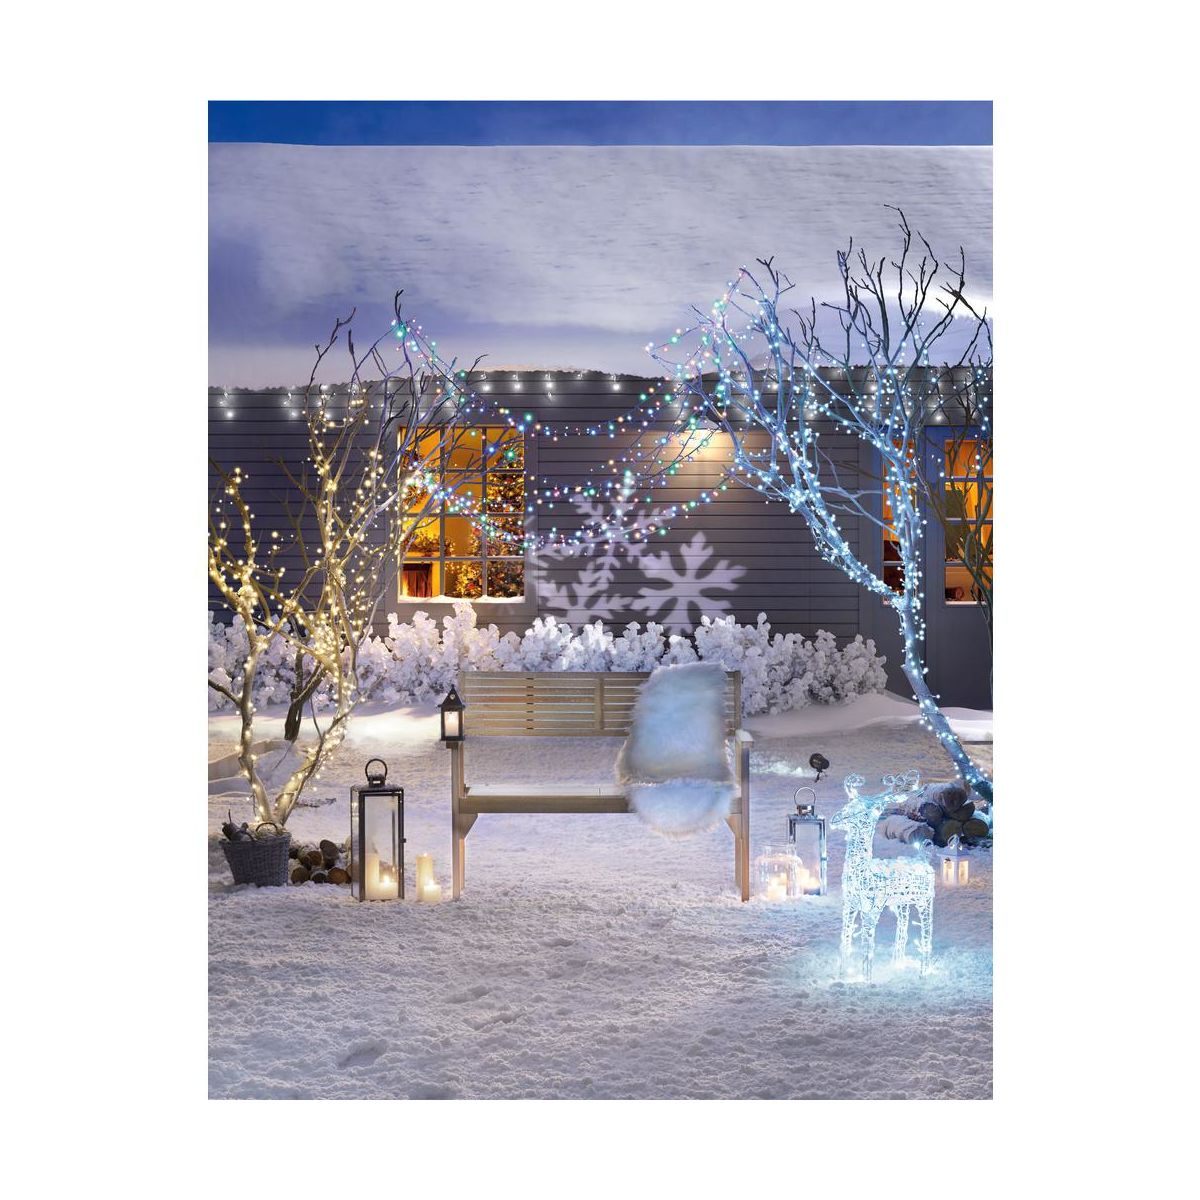 Lampki Choinkowe Zewnetrzne 19 95 M 400 Led Biale Zimne Z Gniazdem I Wlacznikiem Czasowym Oswietlenie Swiateczne Zewnetrzne W Atrakcyjnej Cenie W Sklepach Leroy Merlin